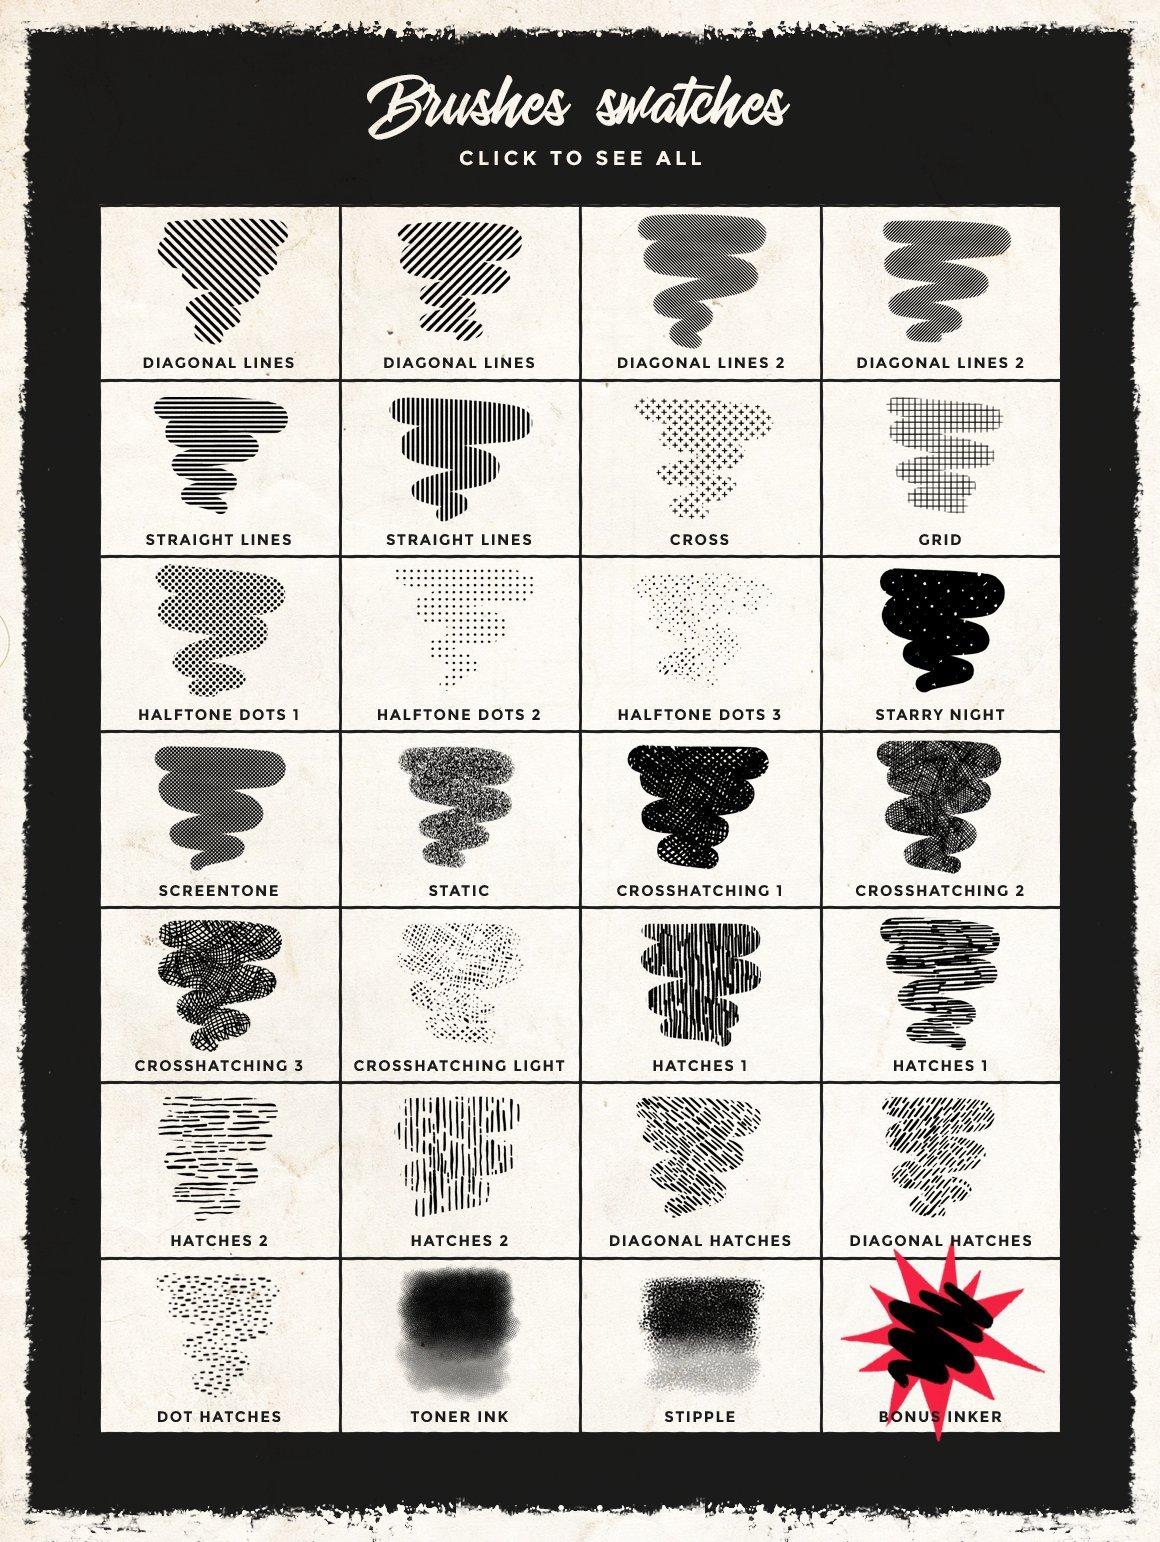 28种图案Procreate笔刷